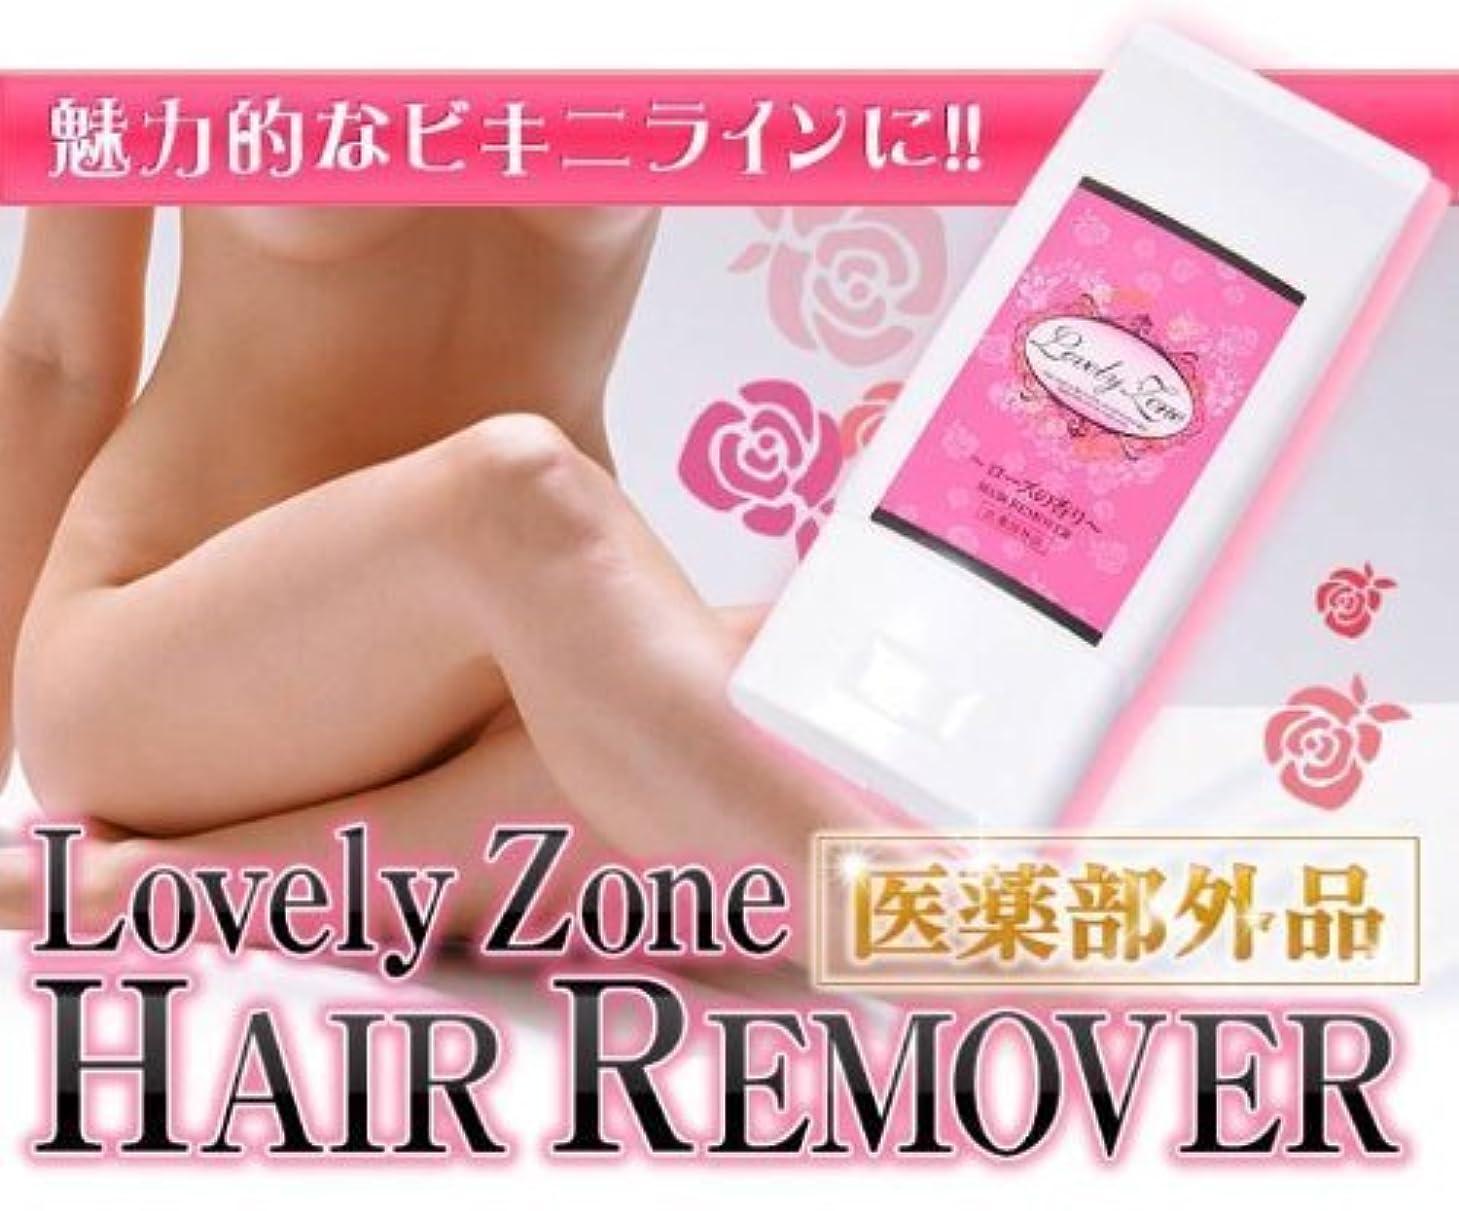 パトロール説明するどうしたのLovely Zone HAIR REMOVER ラブリーゾーン ヘアリムーバー 【 大人のセクシー系 除毛クリーム 】 悩める女性のための 除毛????